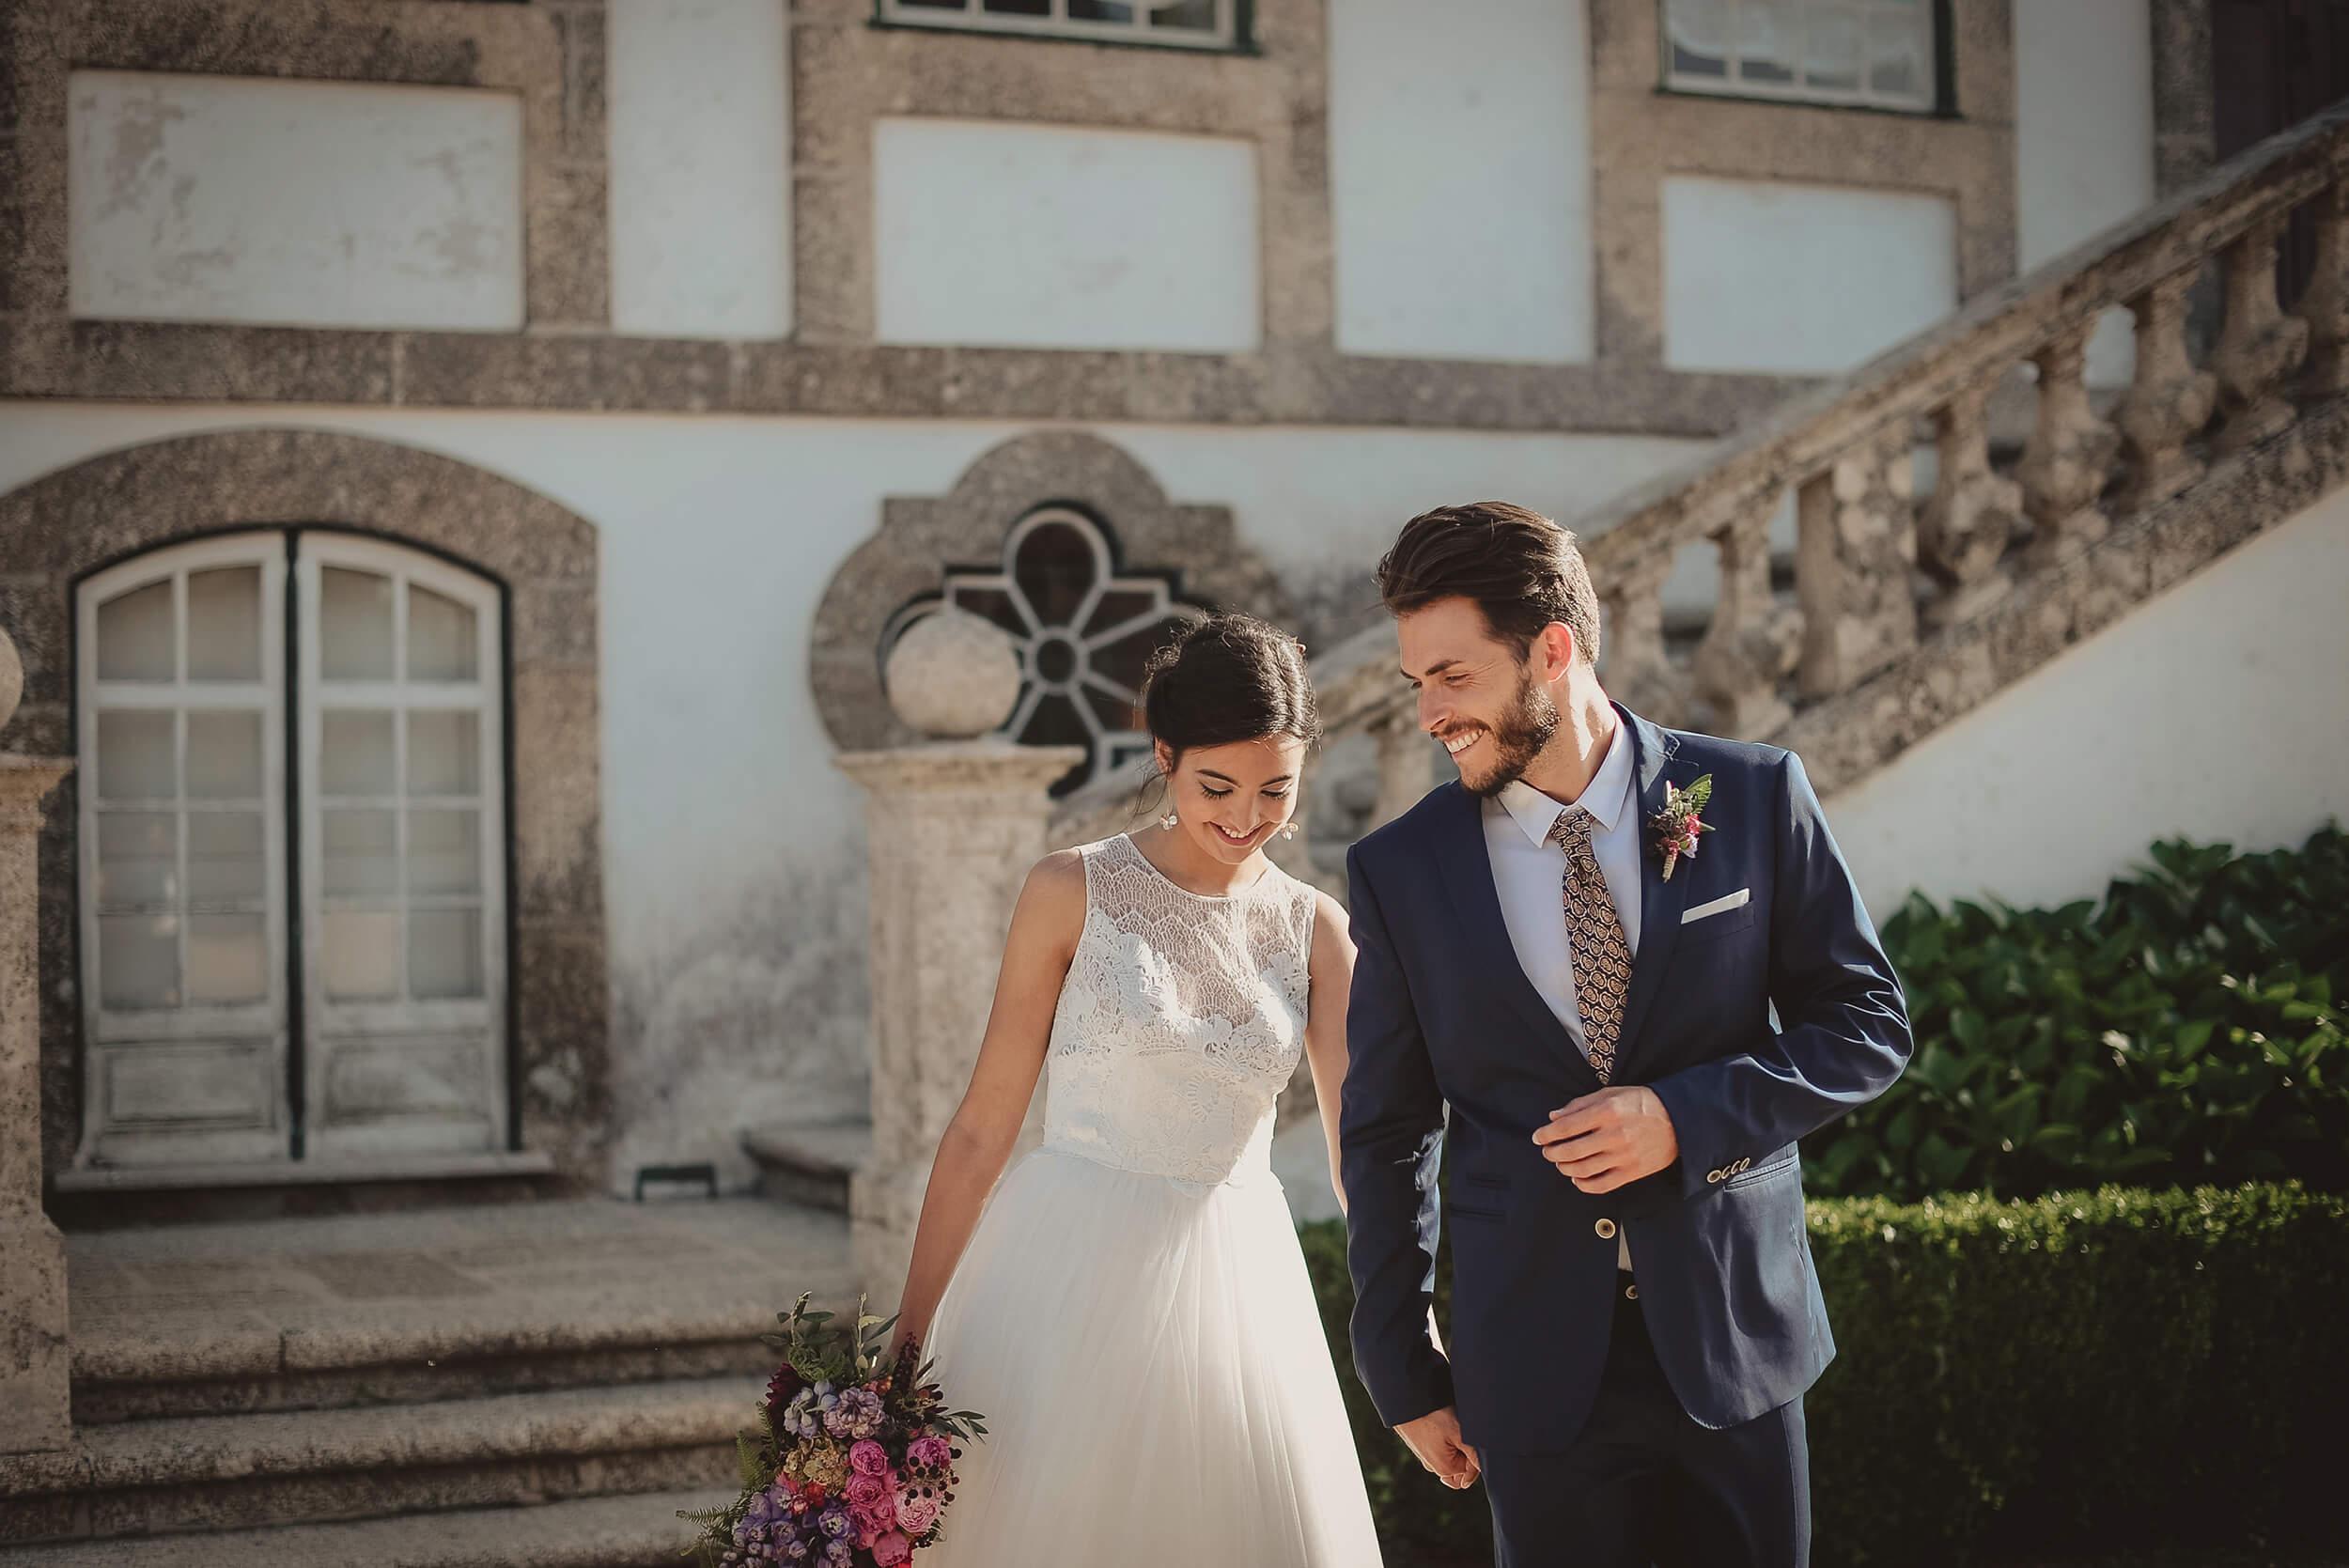 roma-organizacao-eventos-editorial-casamento-colorful-wedding-21